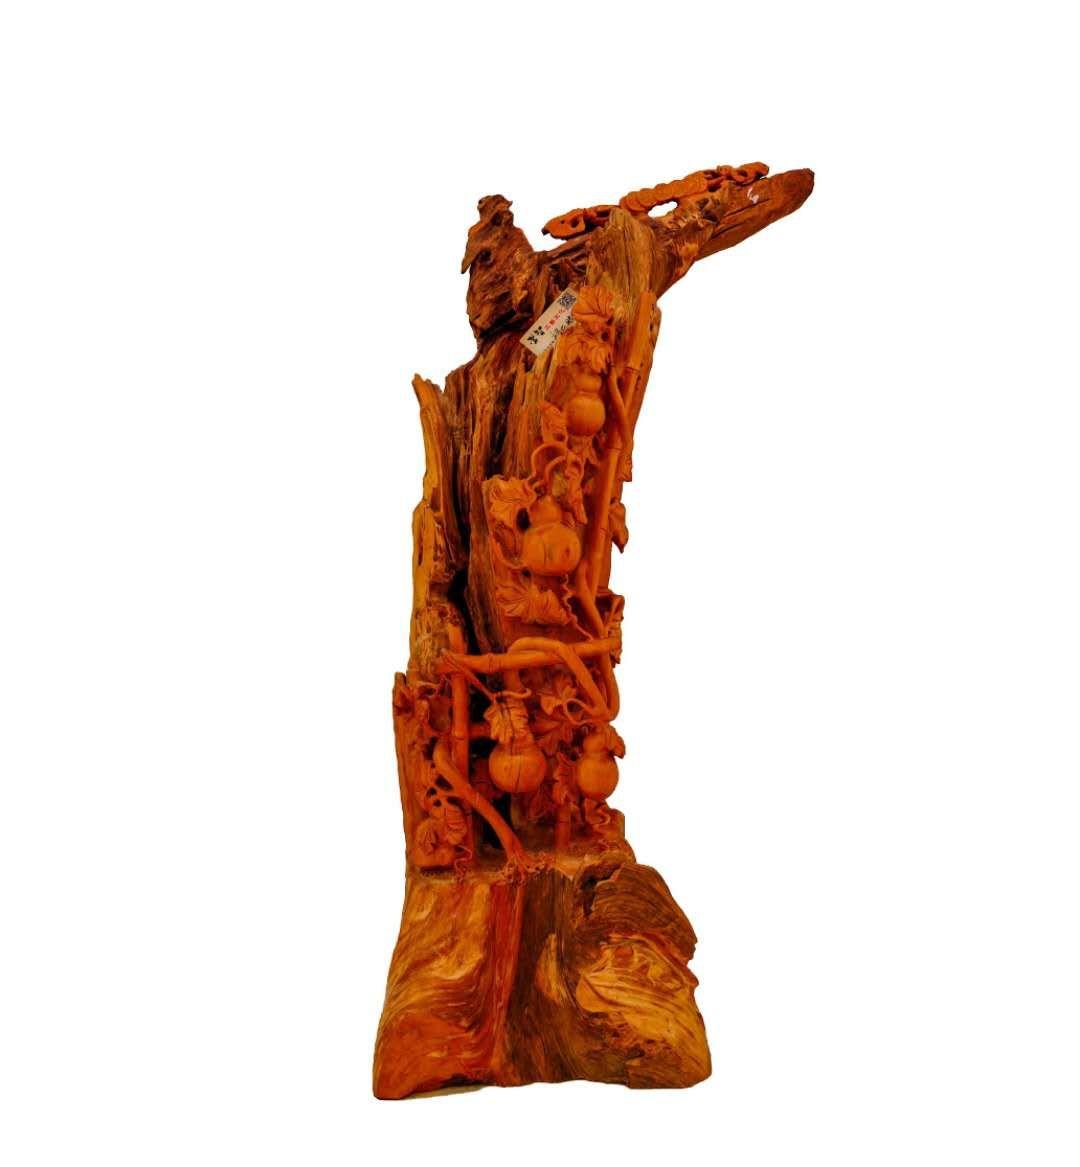 體現根雕藝術品價值的地方都有哪些